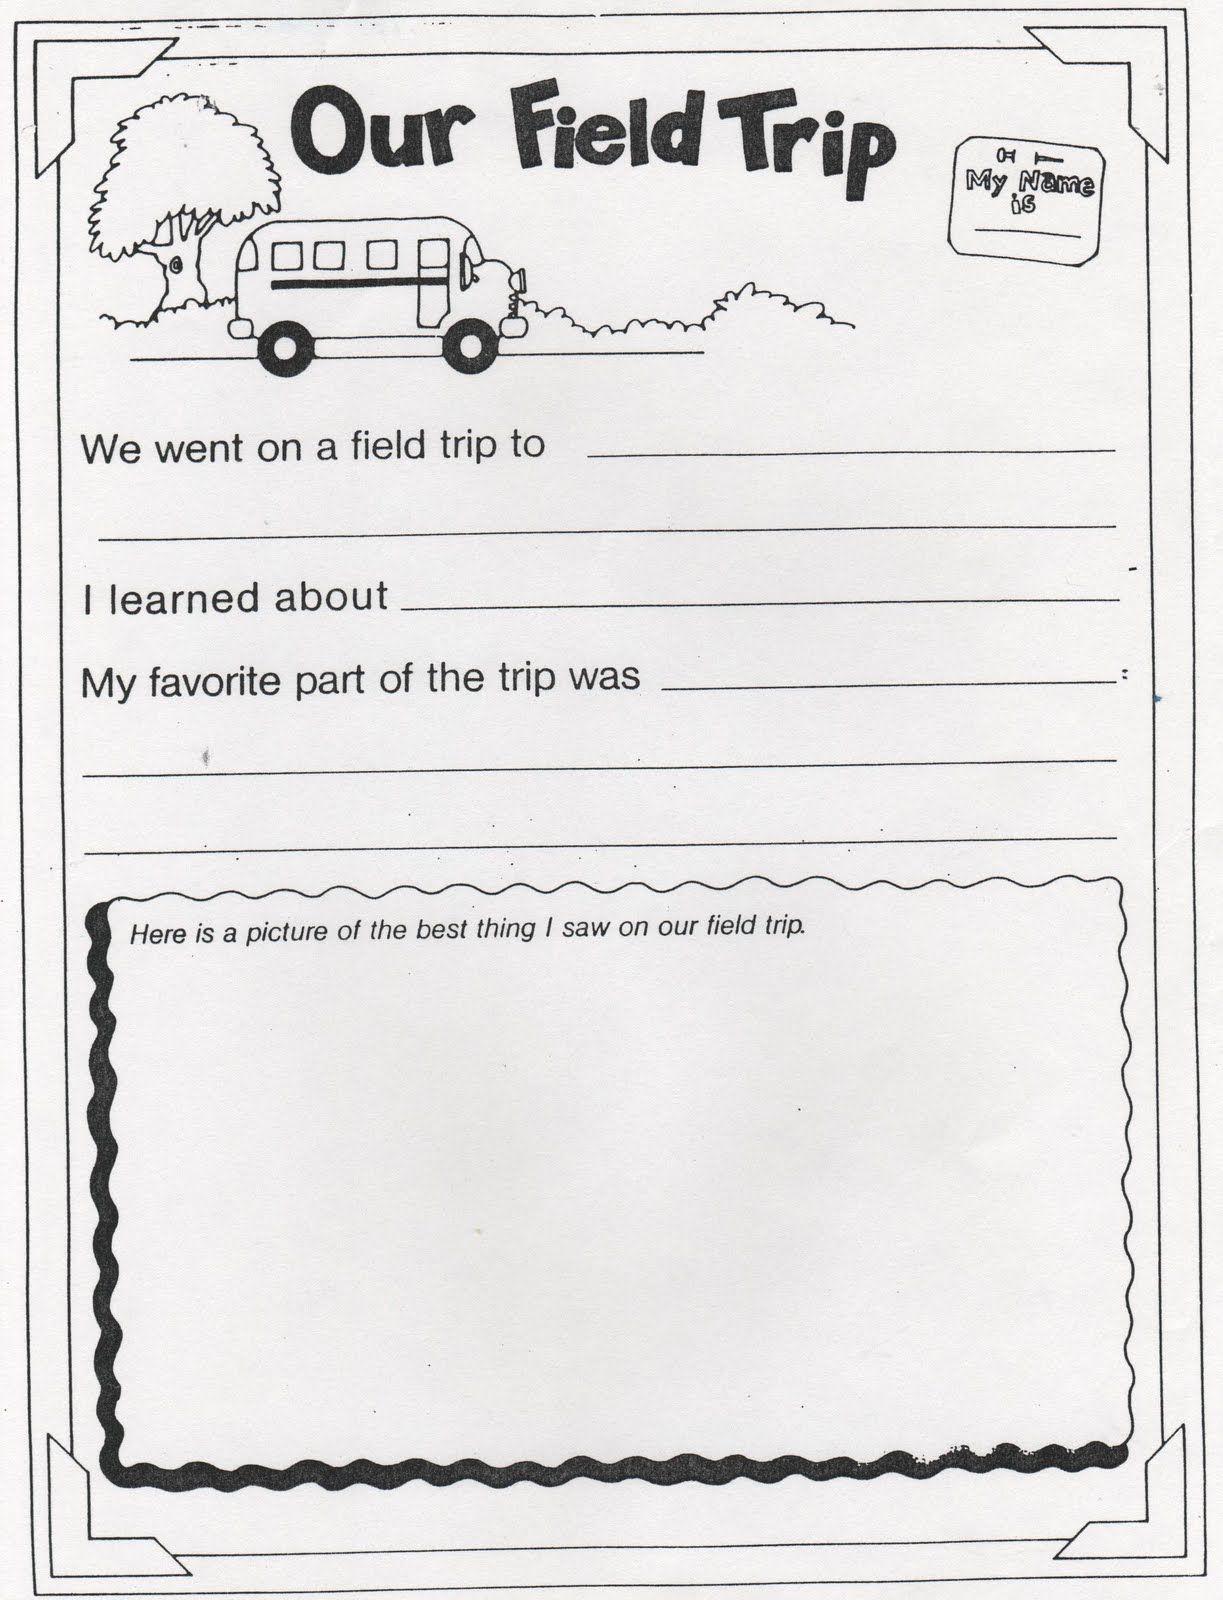 Elementary School Enrichment Activities Field Trip